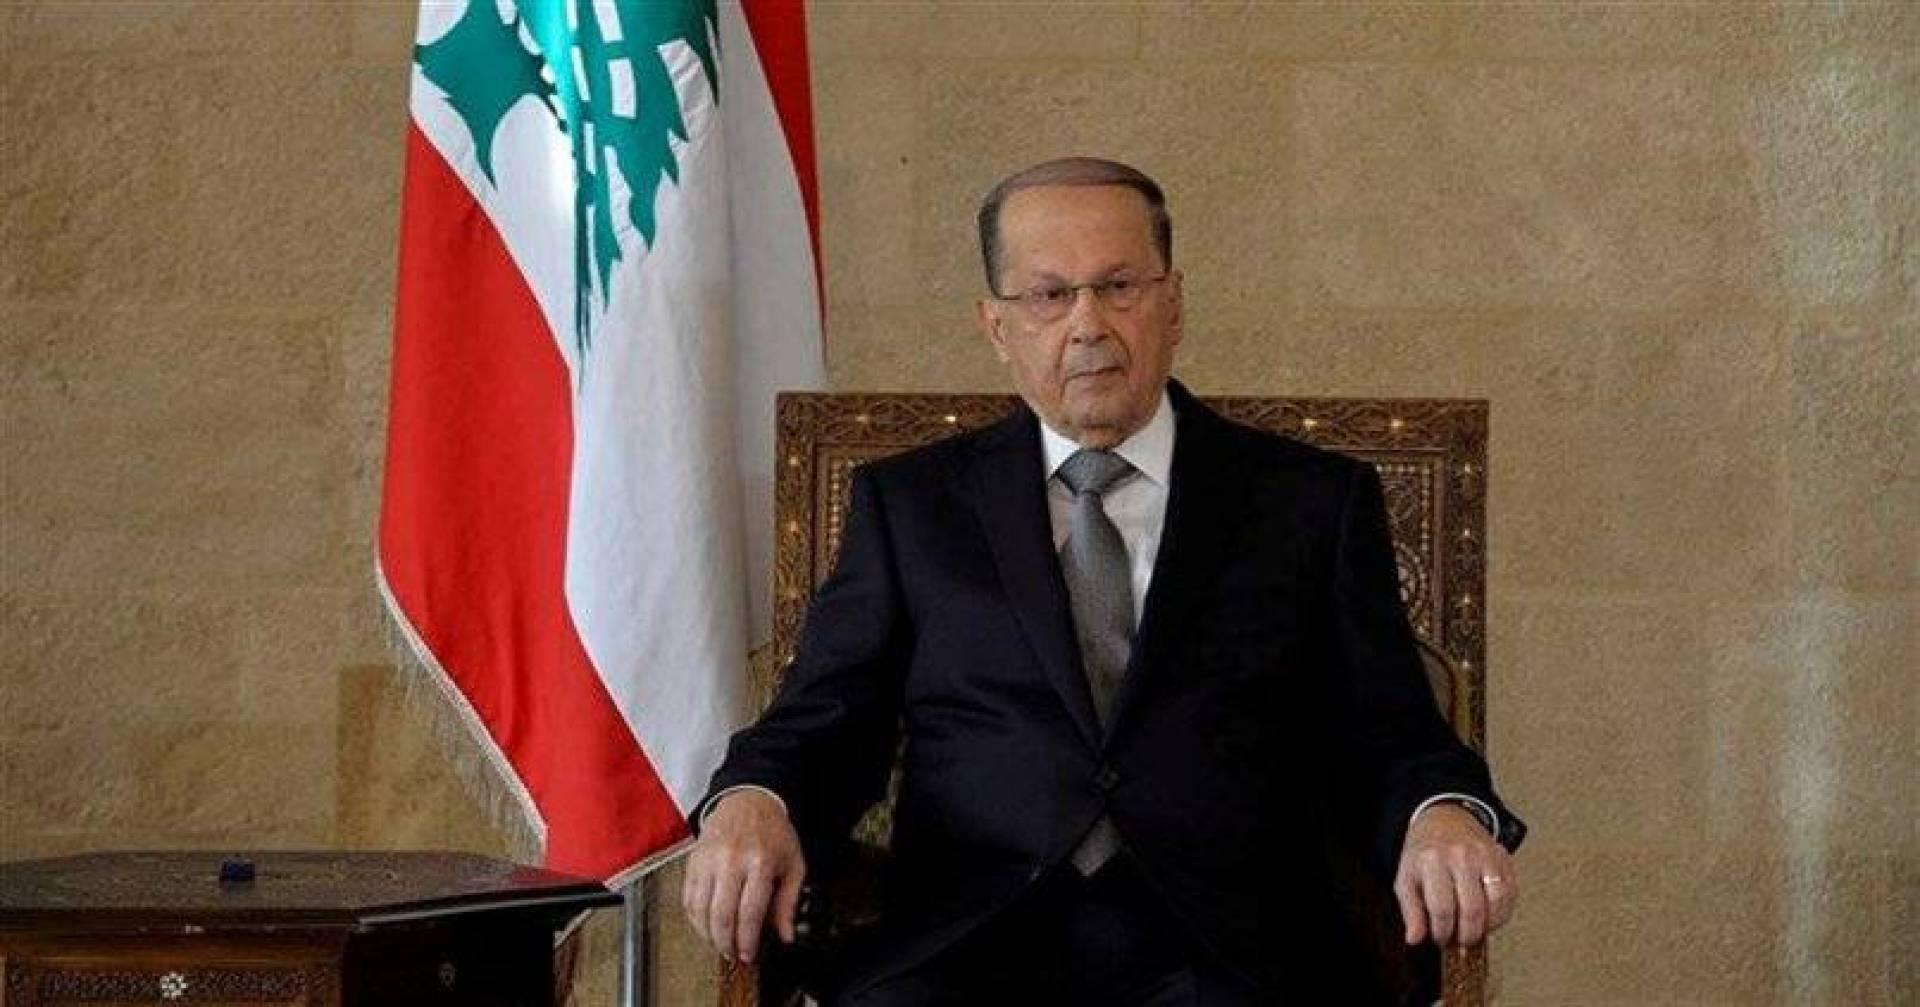 صورة عون: الأسد هو الرئيس الحالي ويجب التعامل مع حكومته